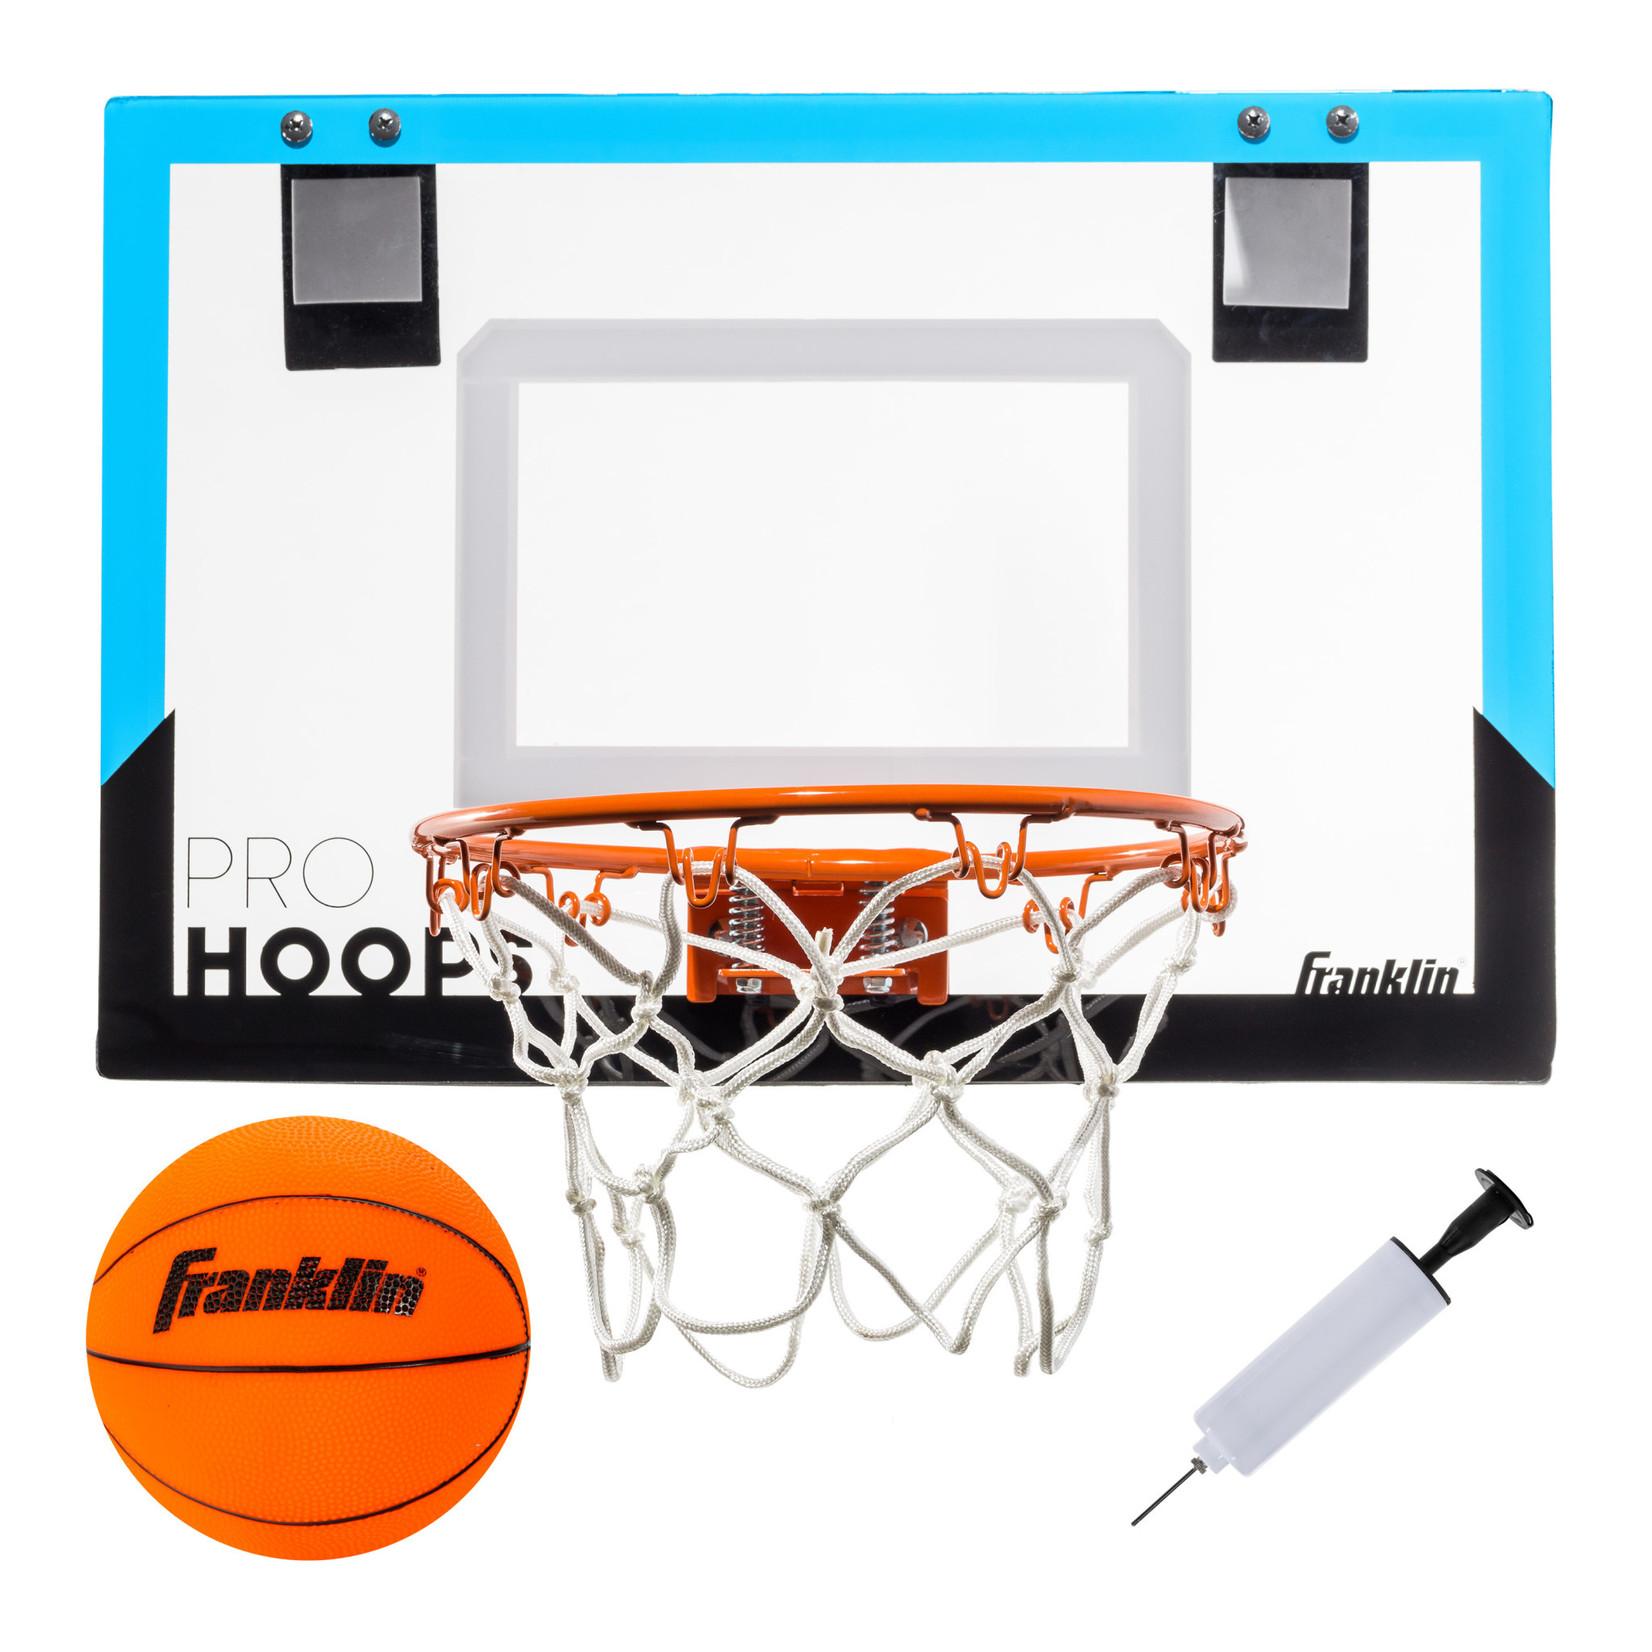 Franklin Franklin Pro Hoops BK/Blue